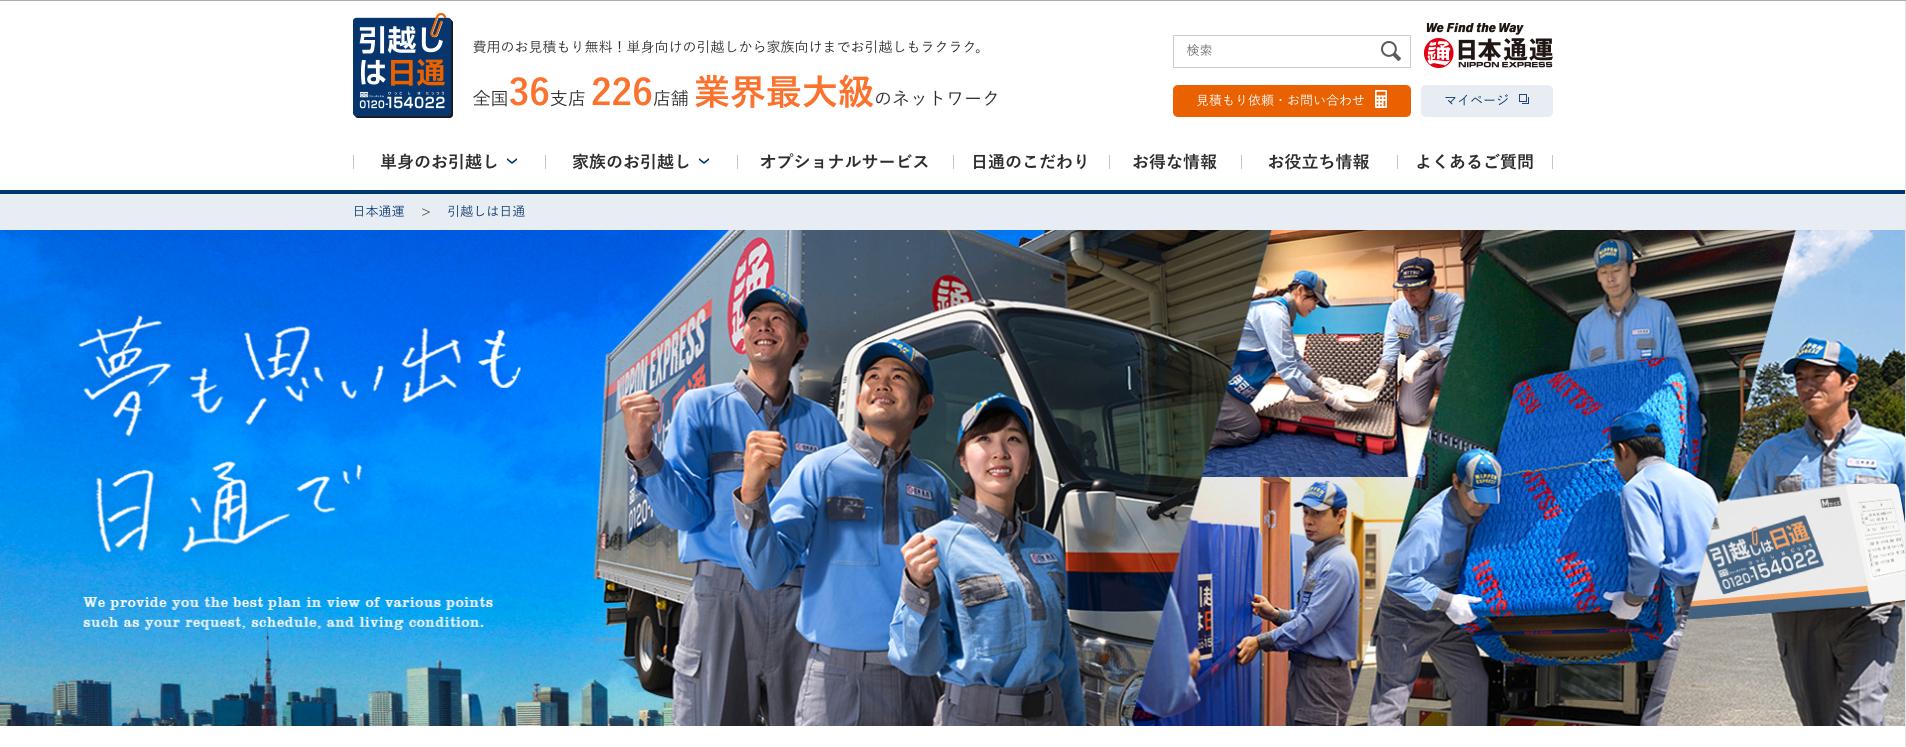 日本通運の公式ページ